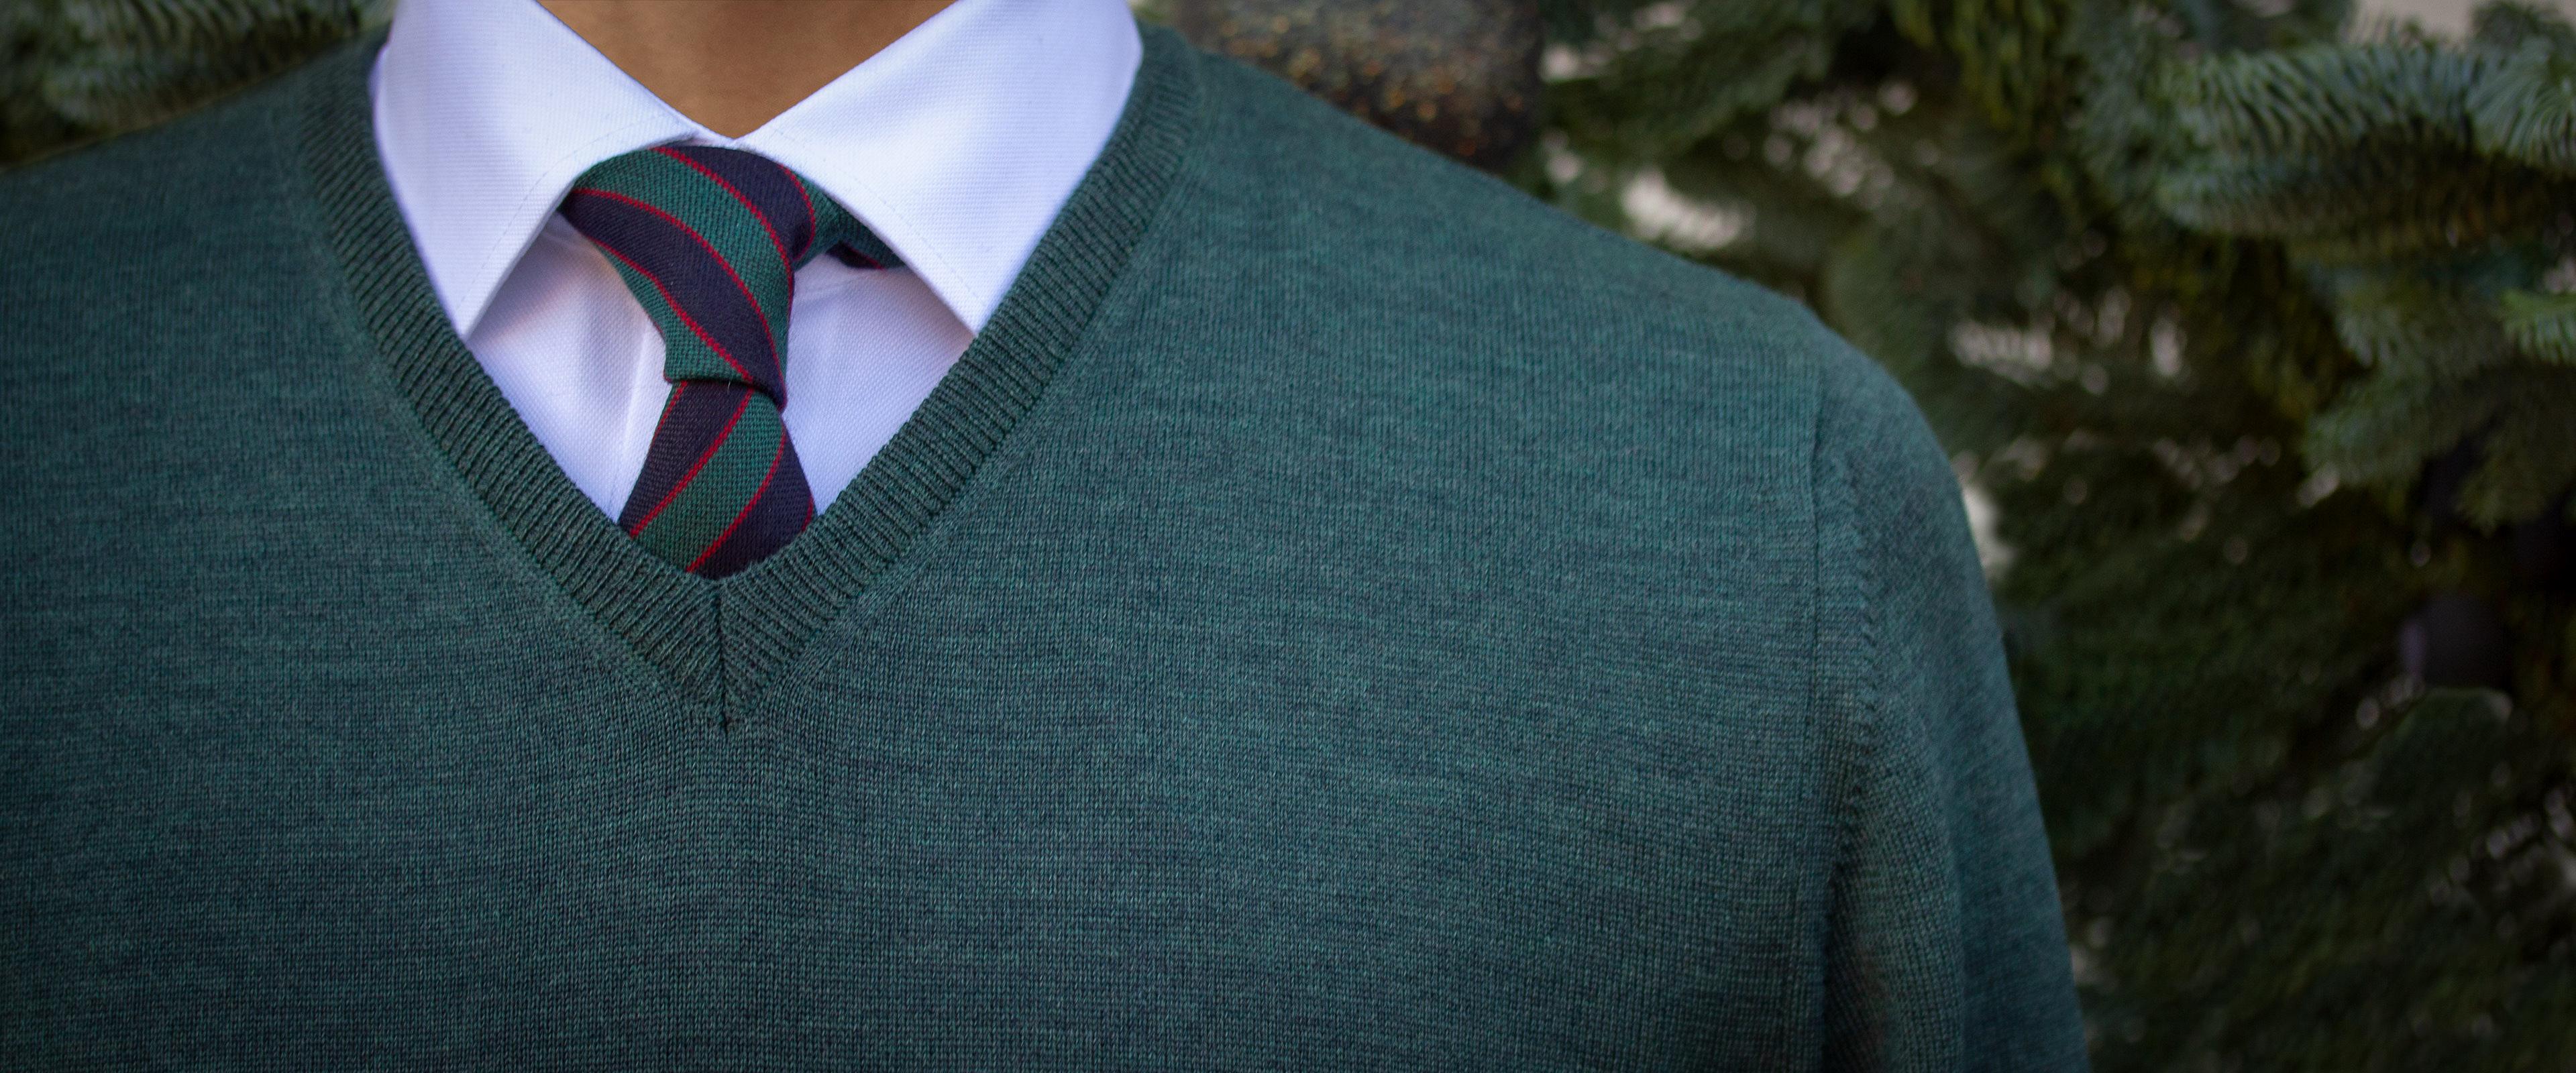 Stort utvalg dresser hos Menswear i Oslo og Trondheim